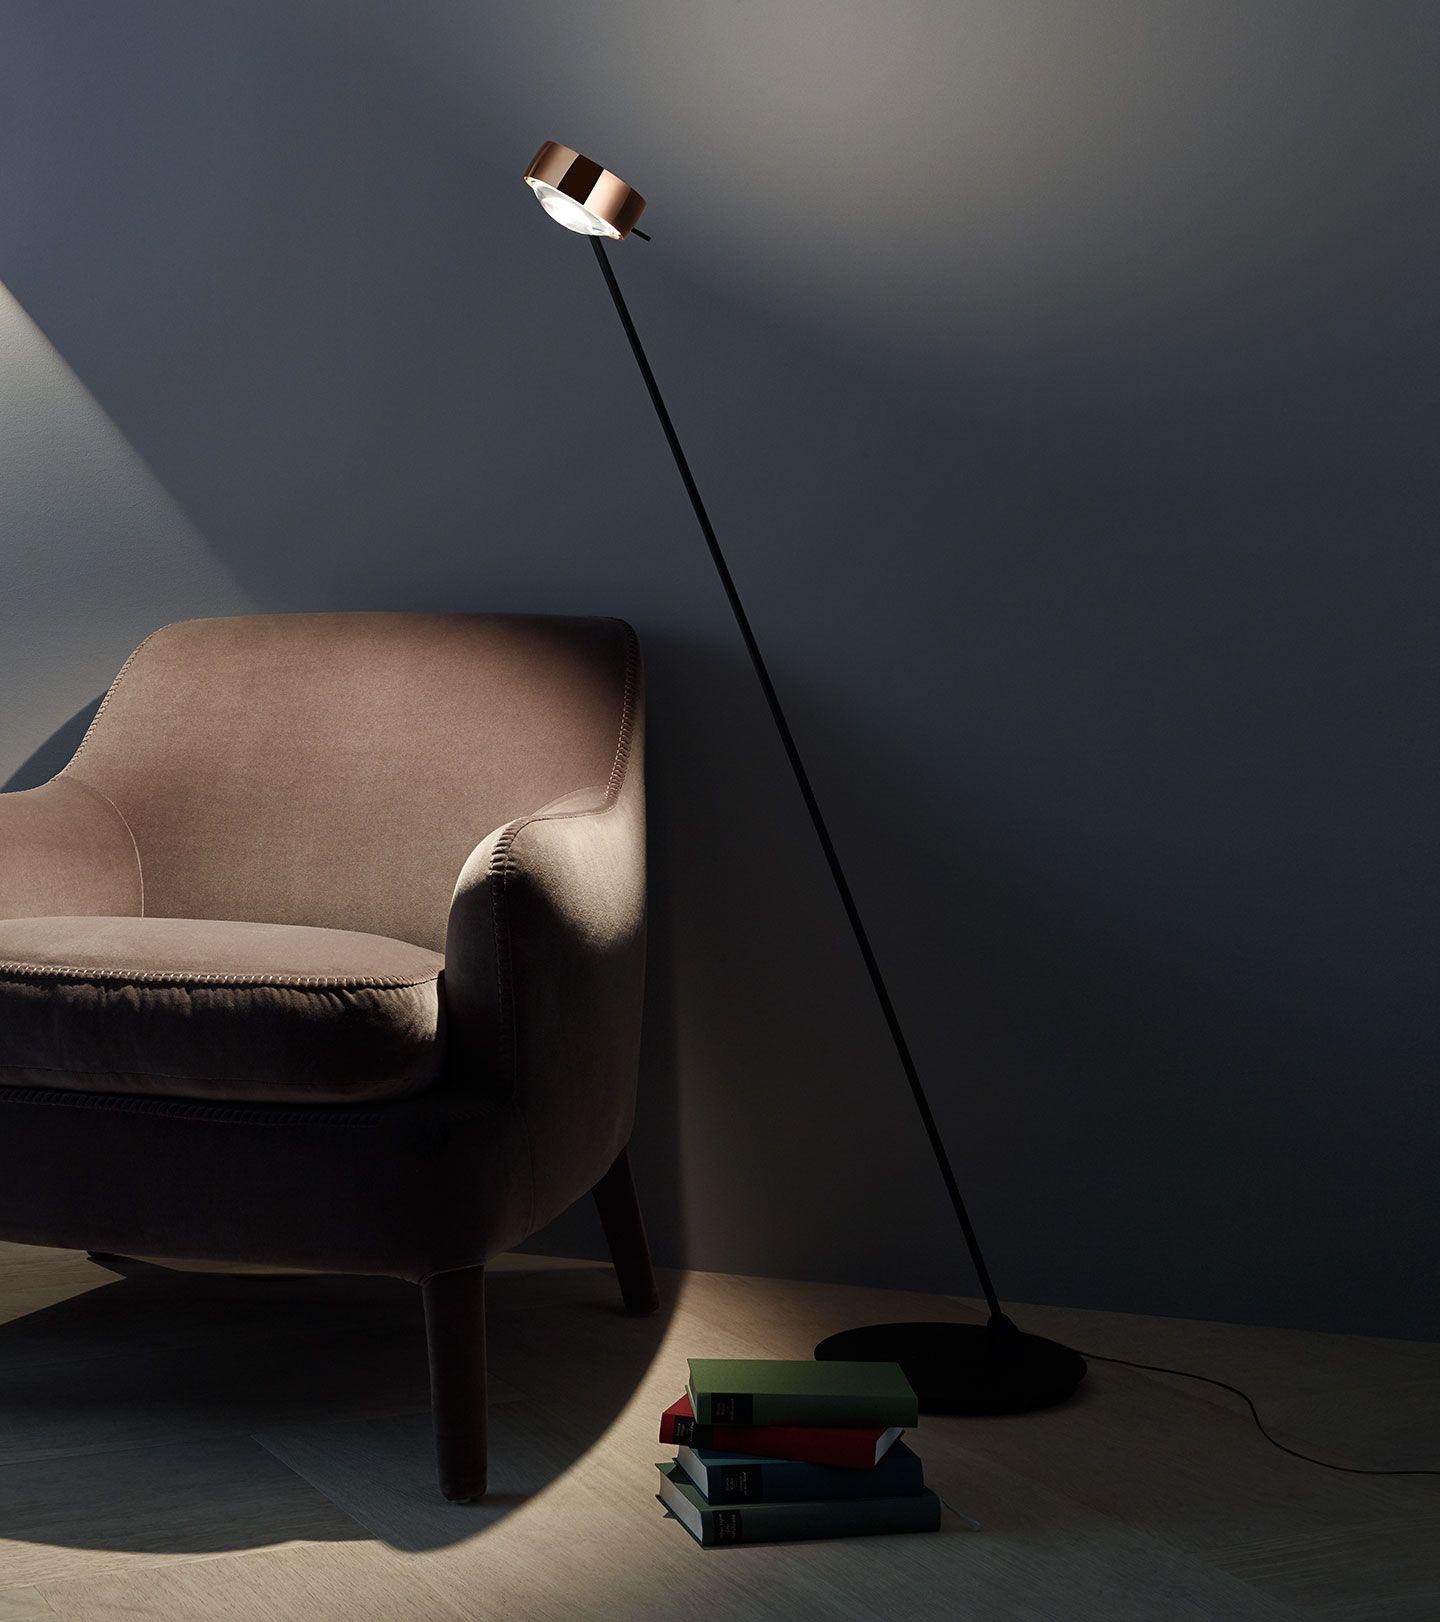 Sento lettura bronze   Lichtkonzept, Led, Lampen